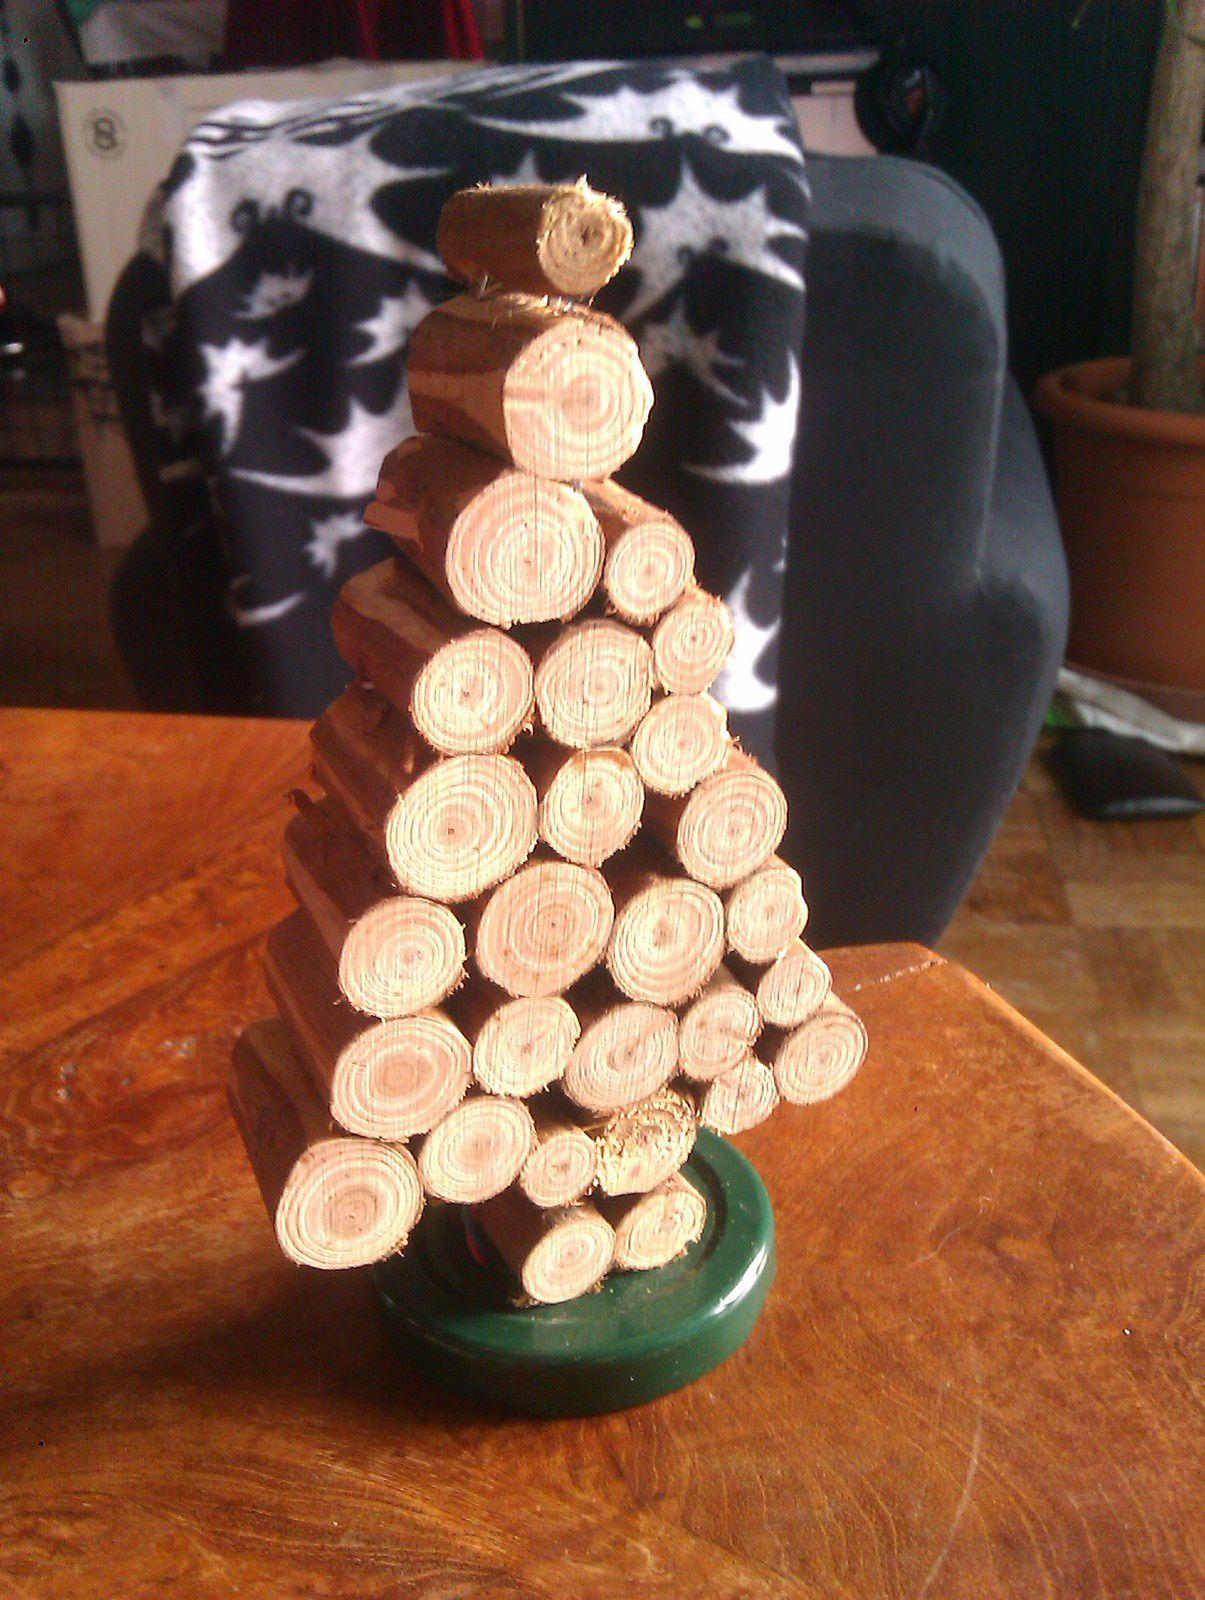 #B25D19 Ma Déco Noël 2013 L'étrange Univers De Pandora 6335 decoration noel a fabriquer en bois 1205x1600 px @ aertt.com